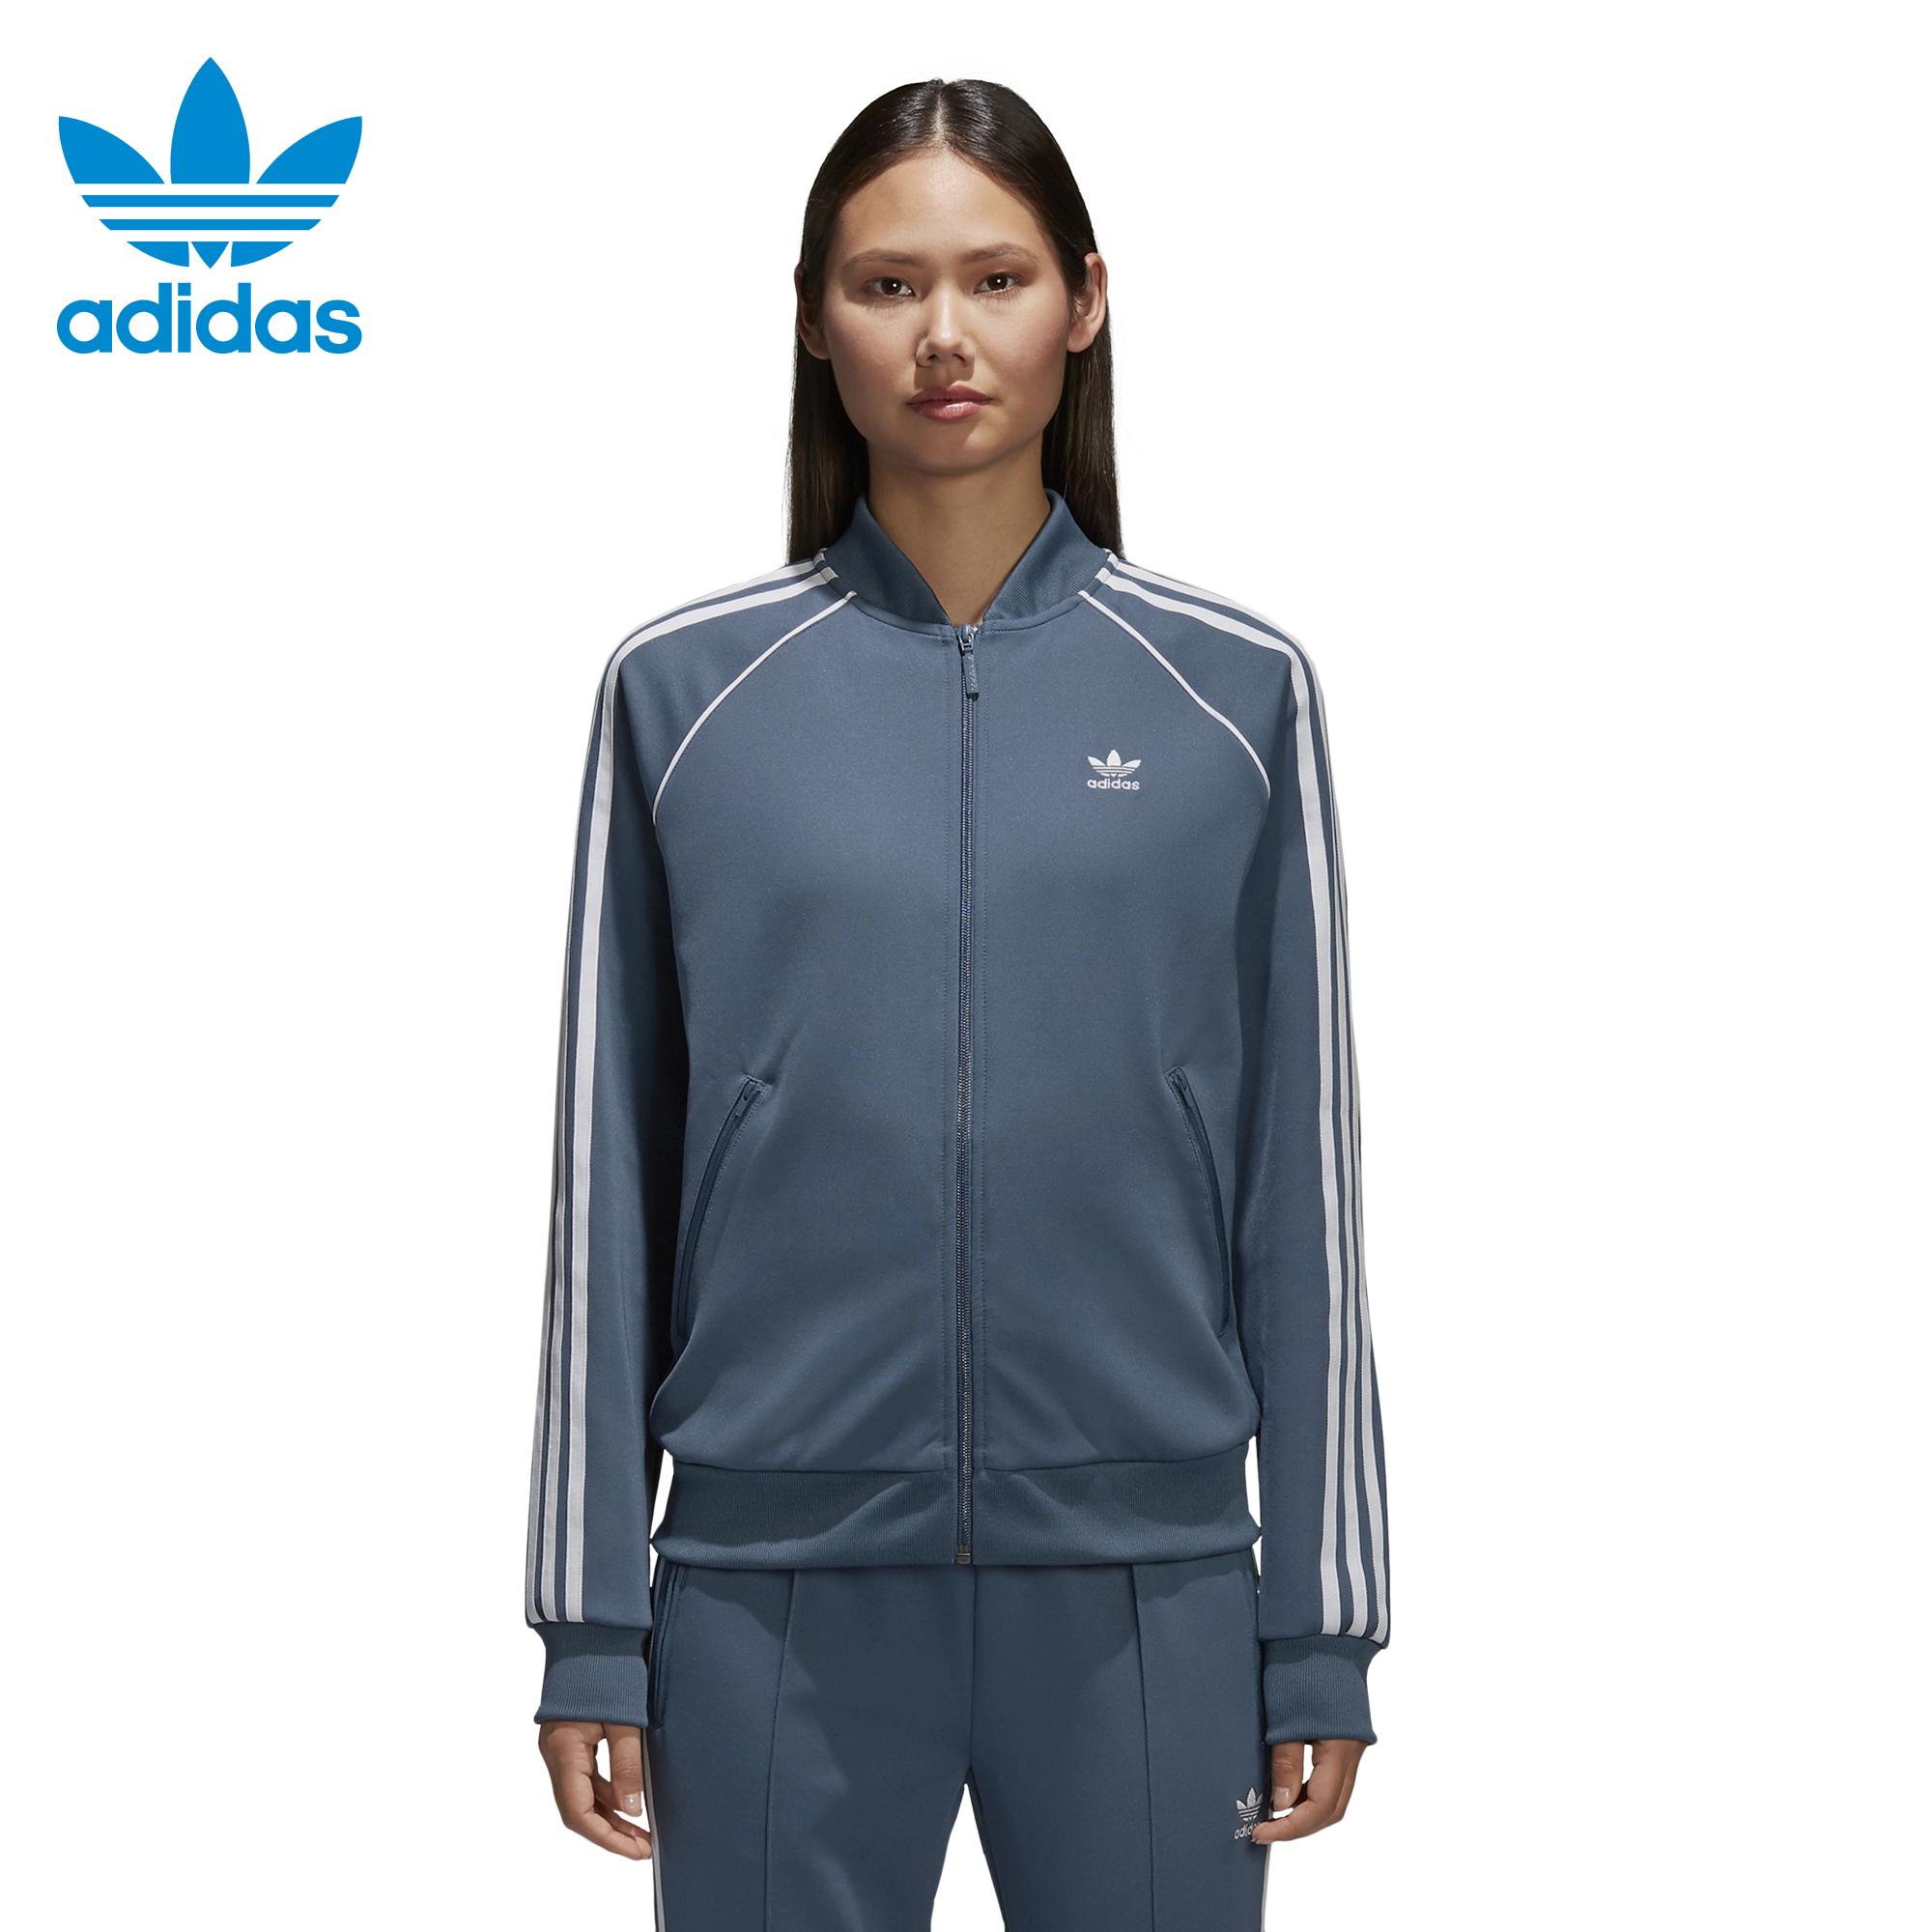 Bluza adidas SST CE2394 34 fusco2sport 7173868478